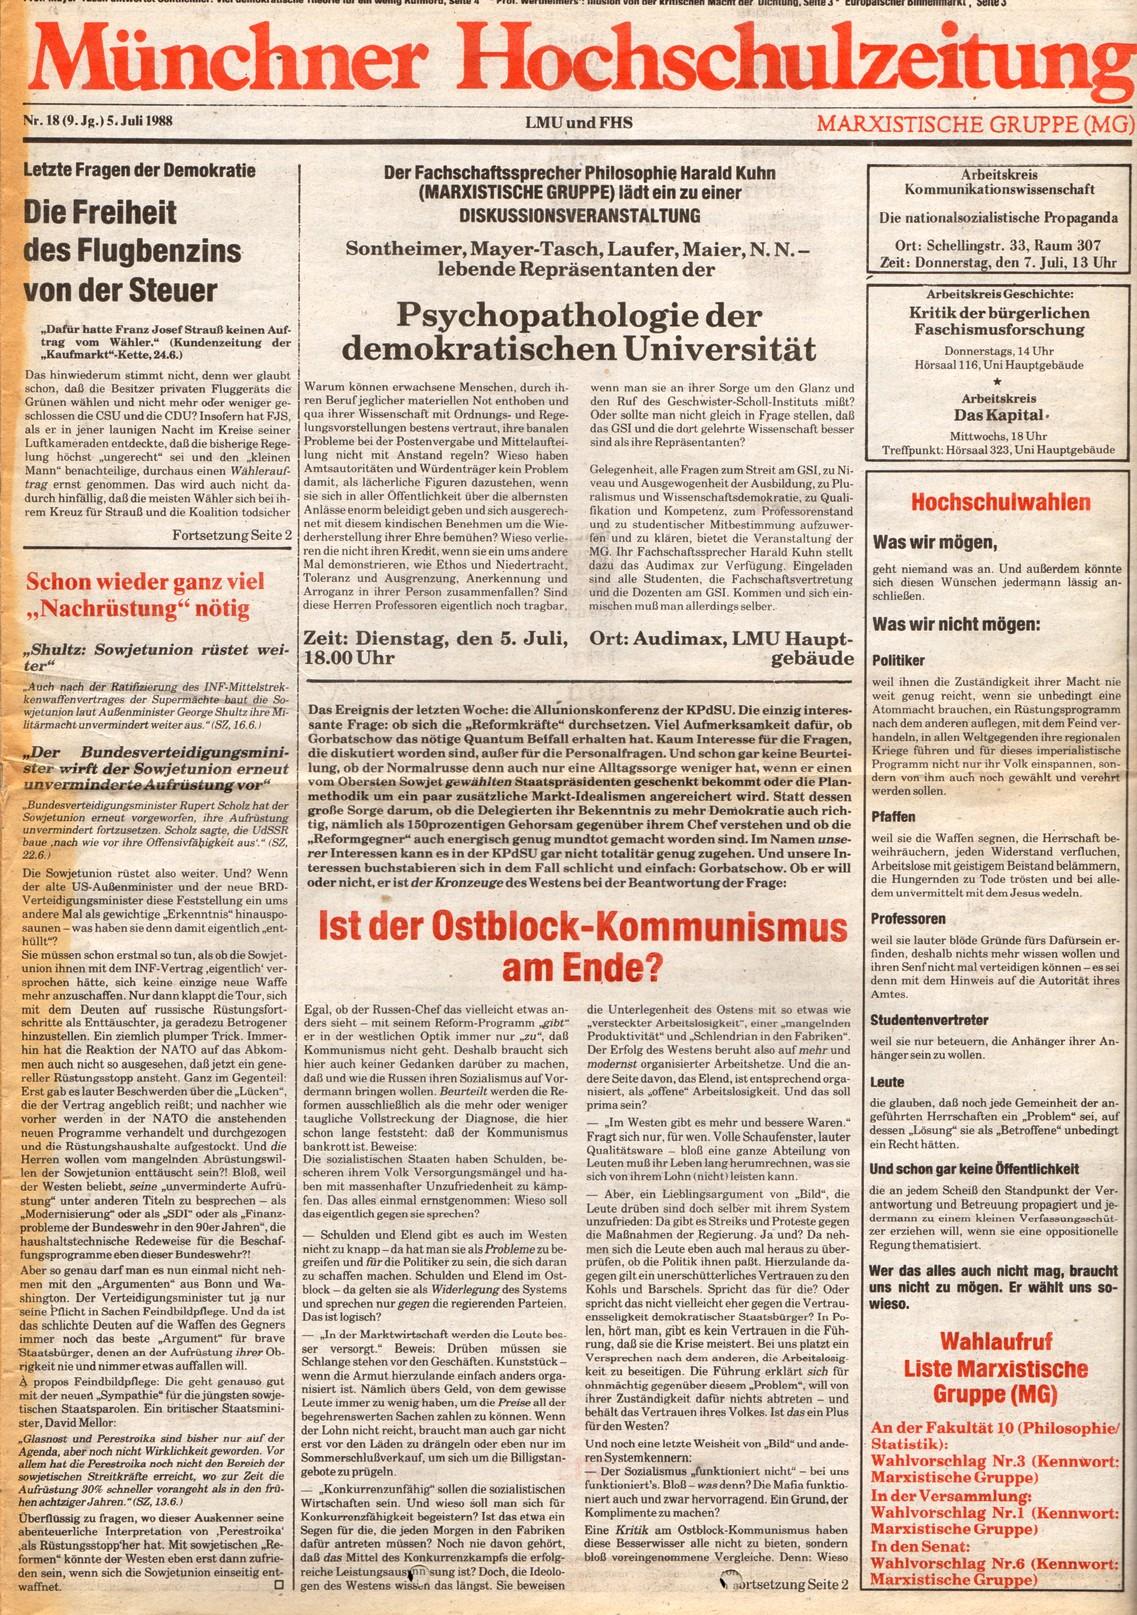 Muenchen_MG_Hochschulzeitung_19880705_01